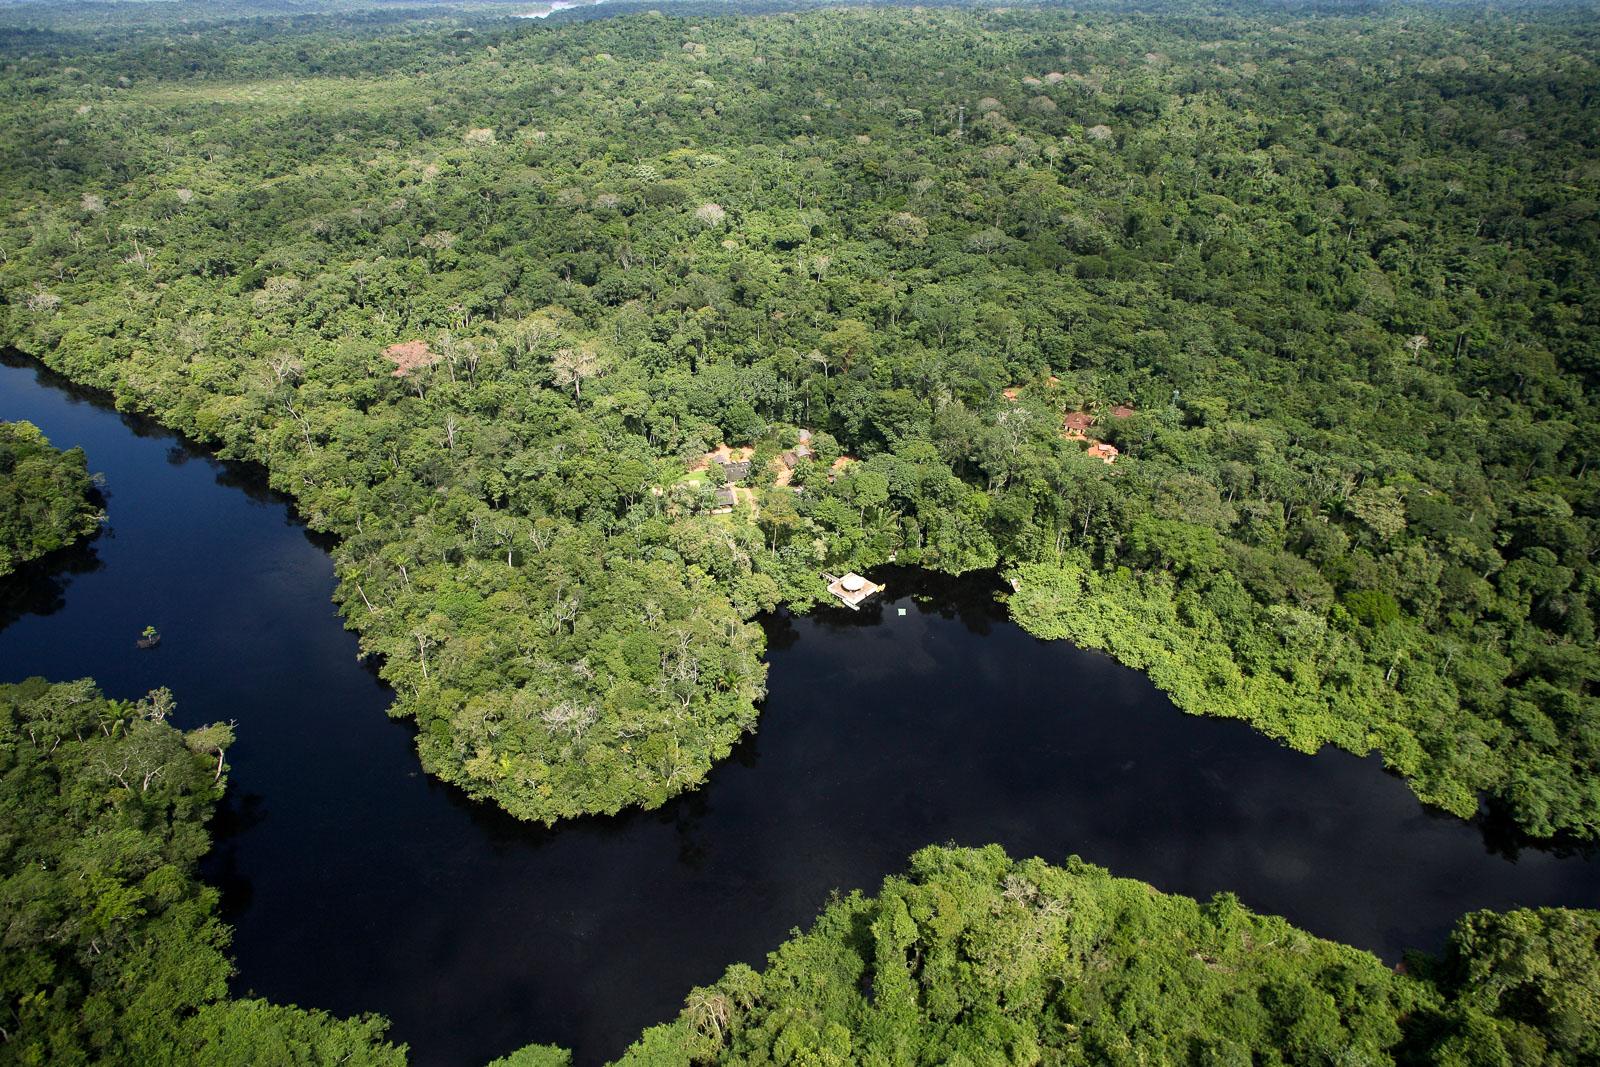 Cristalino Jungle Lodge - Aerial view -  Edson Endrigo.jpg